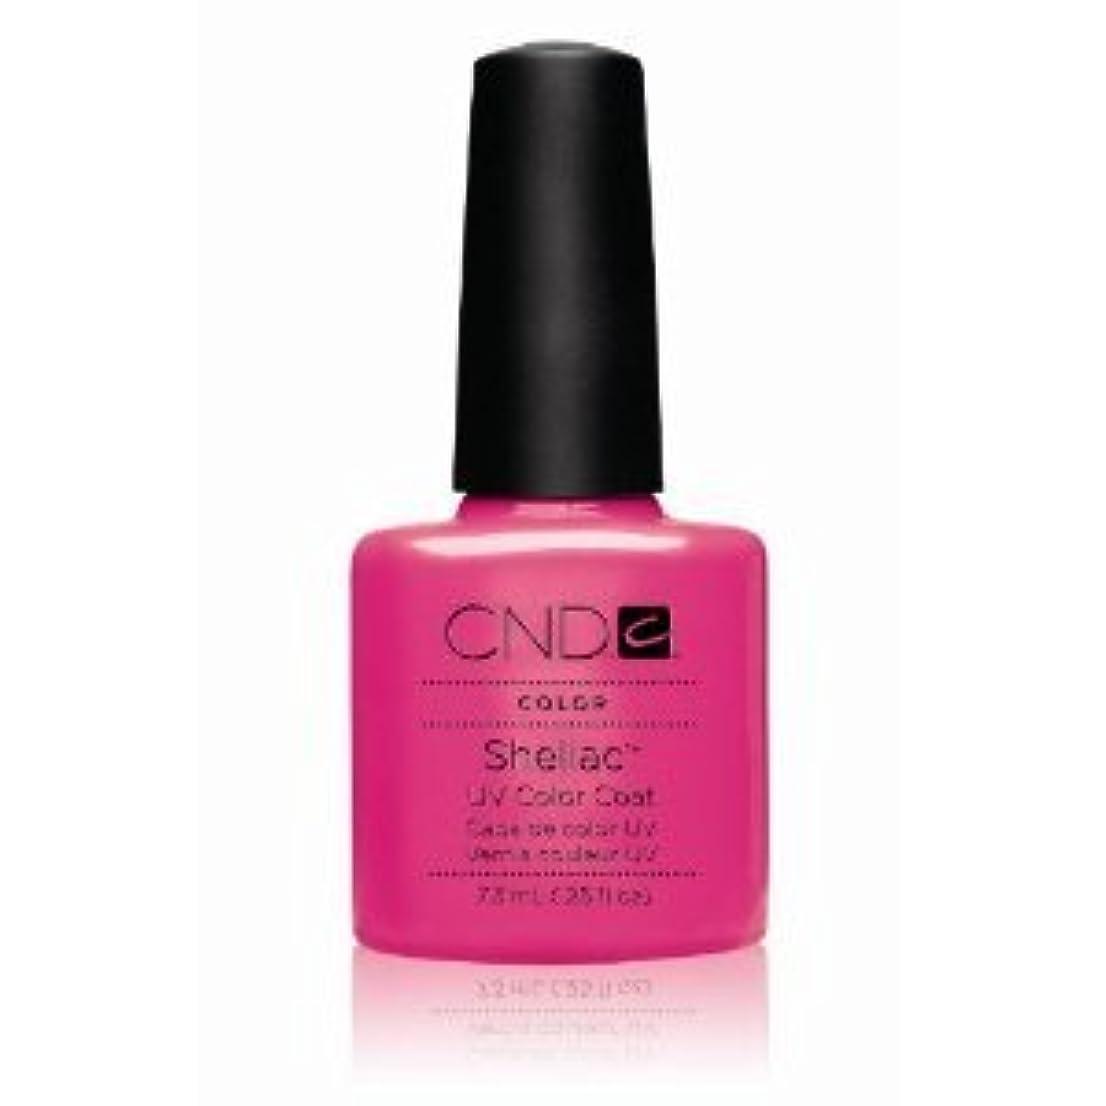 合理化汚染予算CND(シーエヌディー) シェラック UVカラーコート7.3mL 519 Hot Pop Pink(マット) [並行輸入][海外直送品]